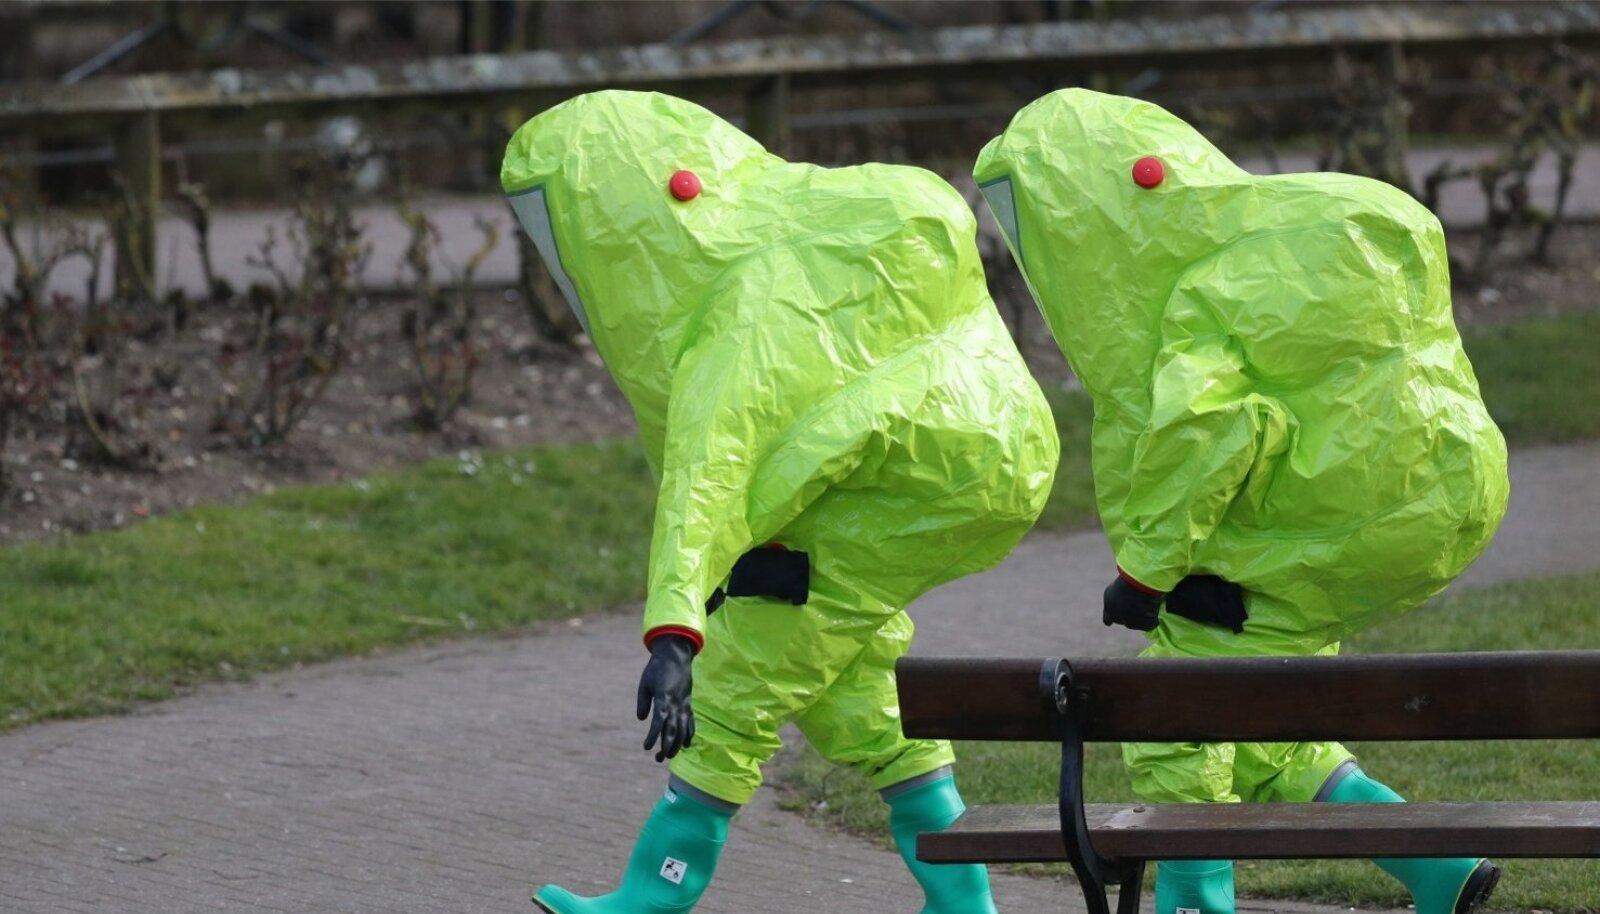 Scotland Yardi kaitseülikondades uurijad sisenevad Inglismaal Salisbury kaubanduskeskusesse, kus ühe võimaliku kohana rünnati närvi- mürgiga endist Vene topeltagenti Sergei Skripali ja tema tütart Juliat.